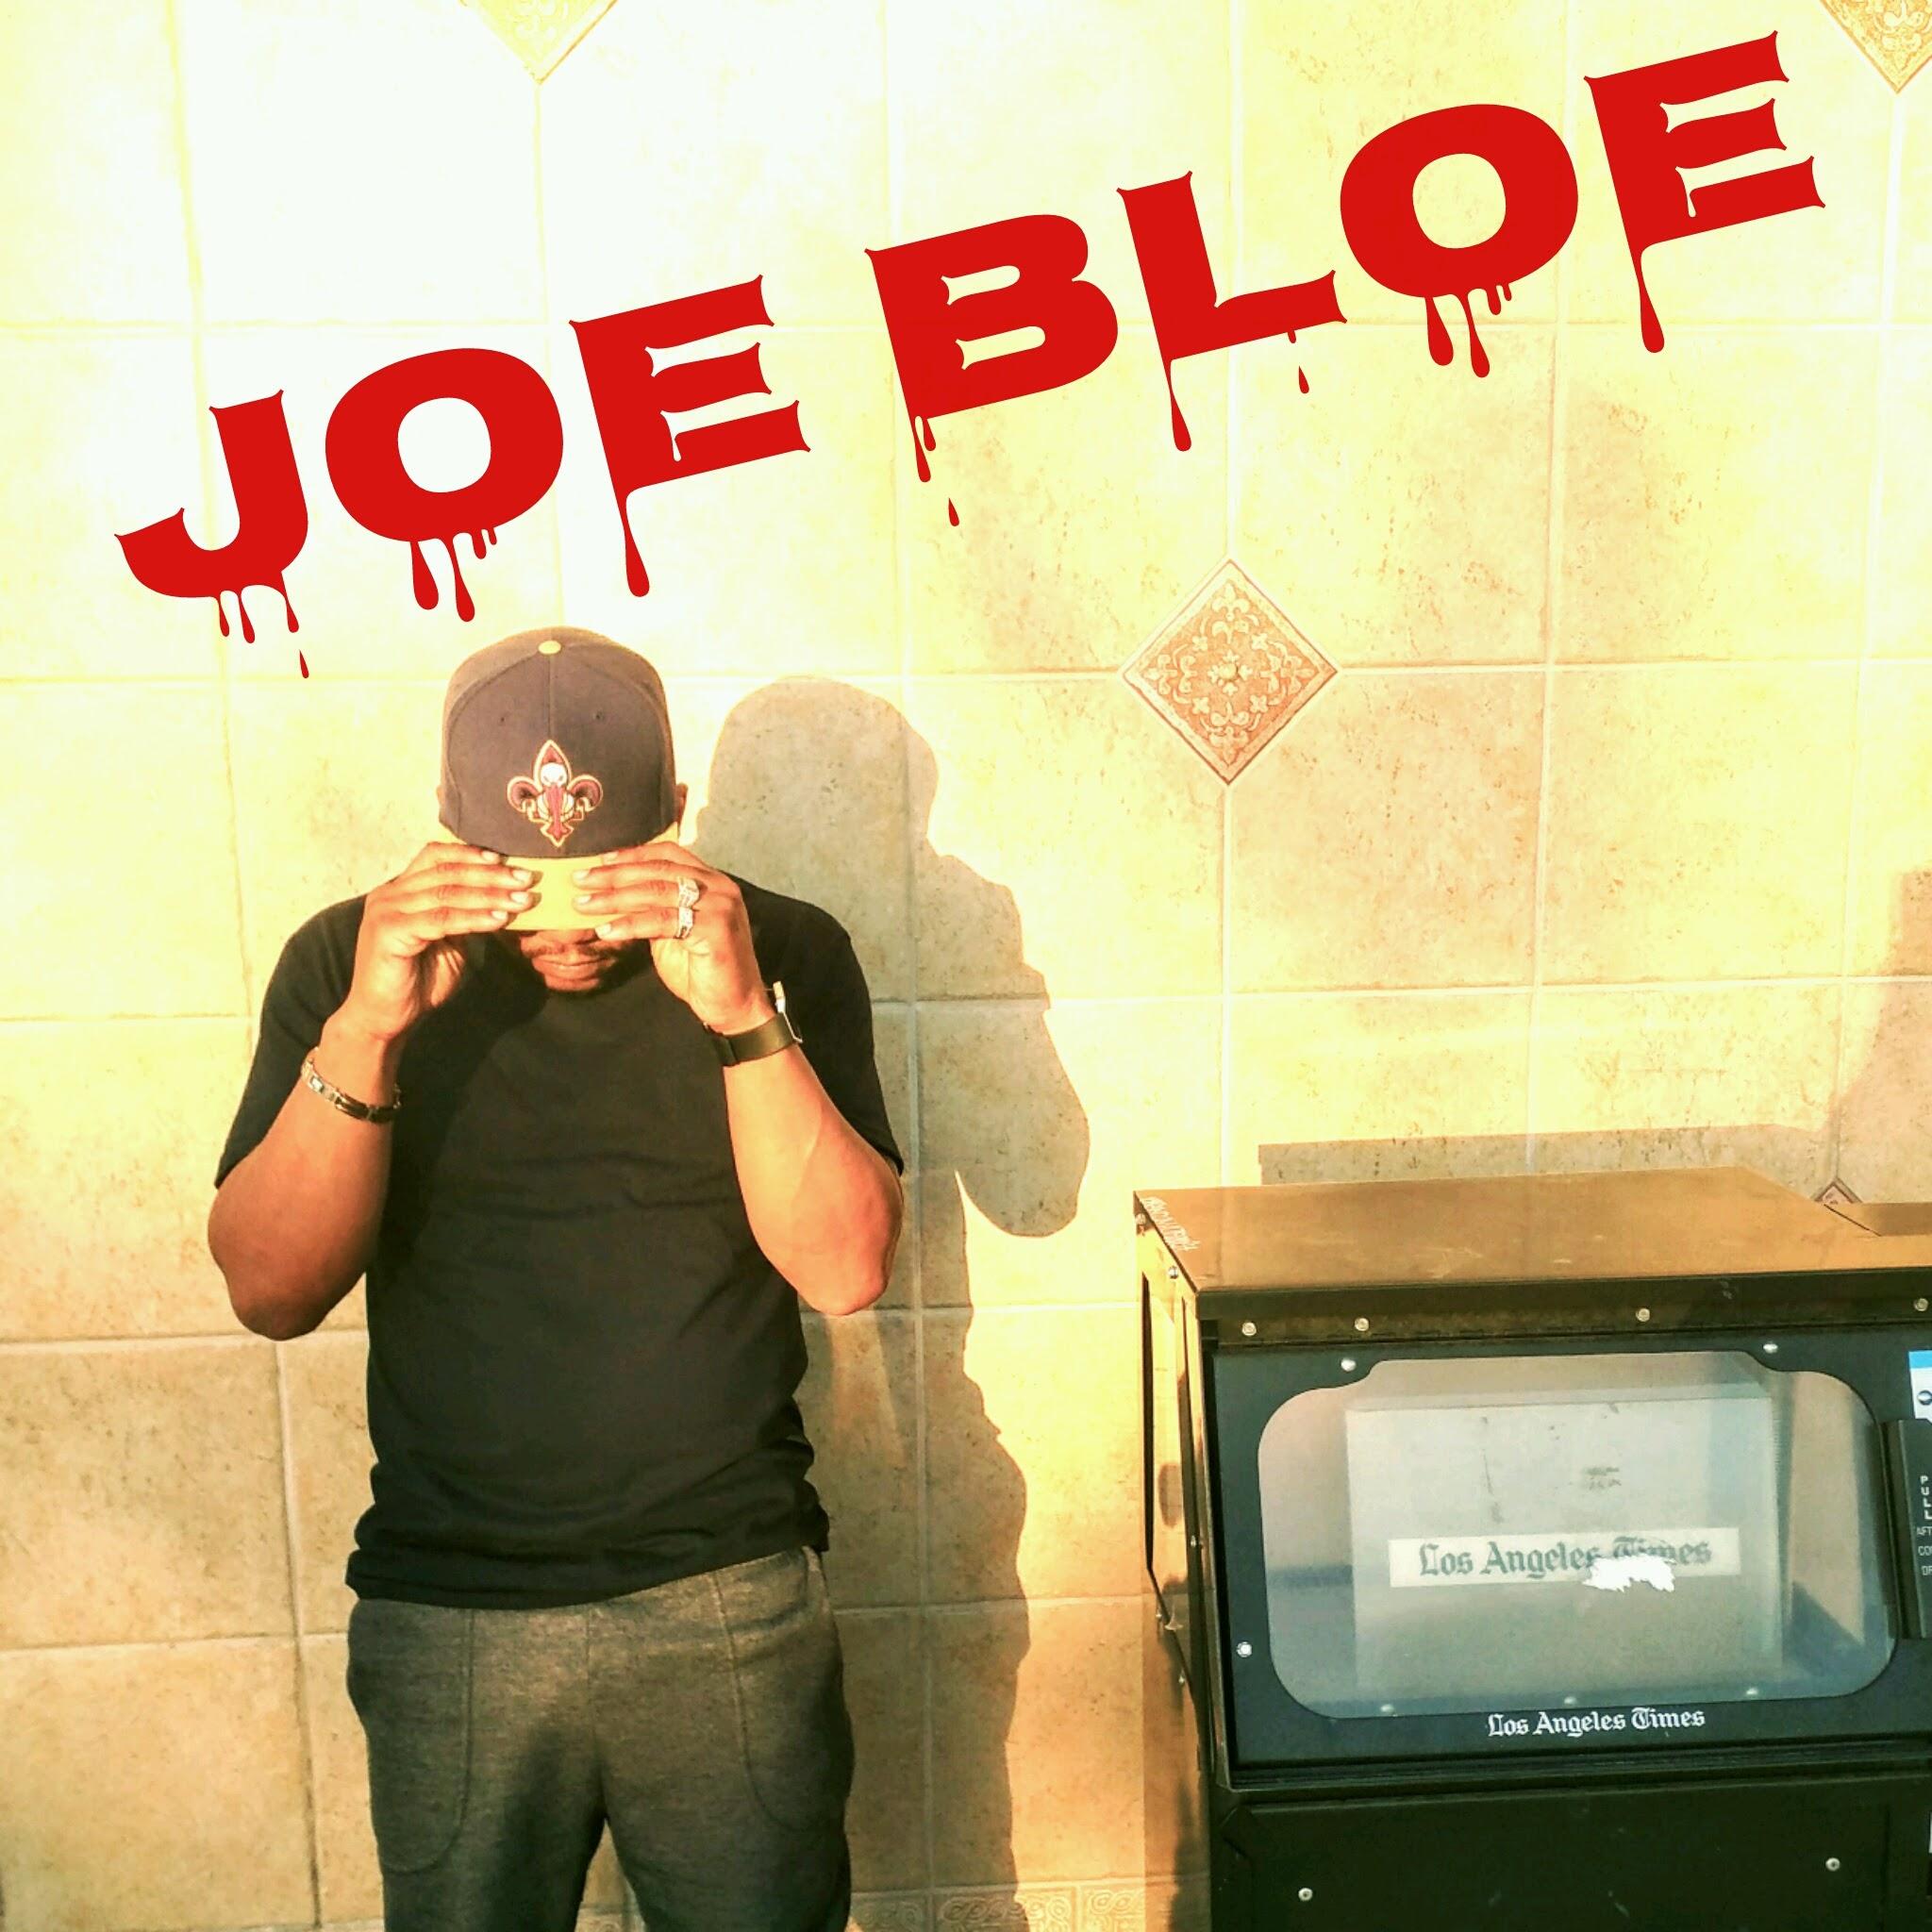 Joe Bloe